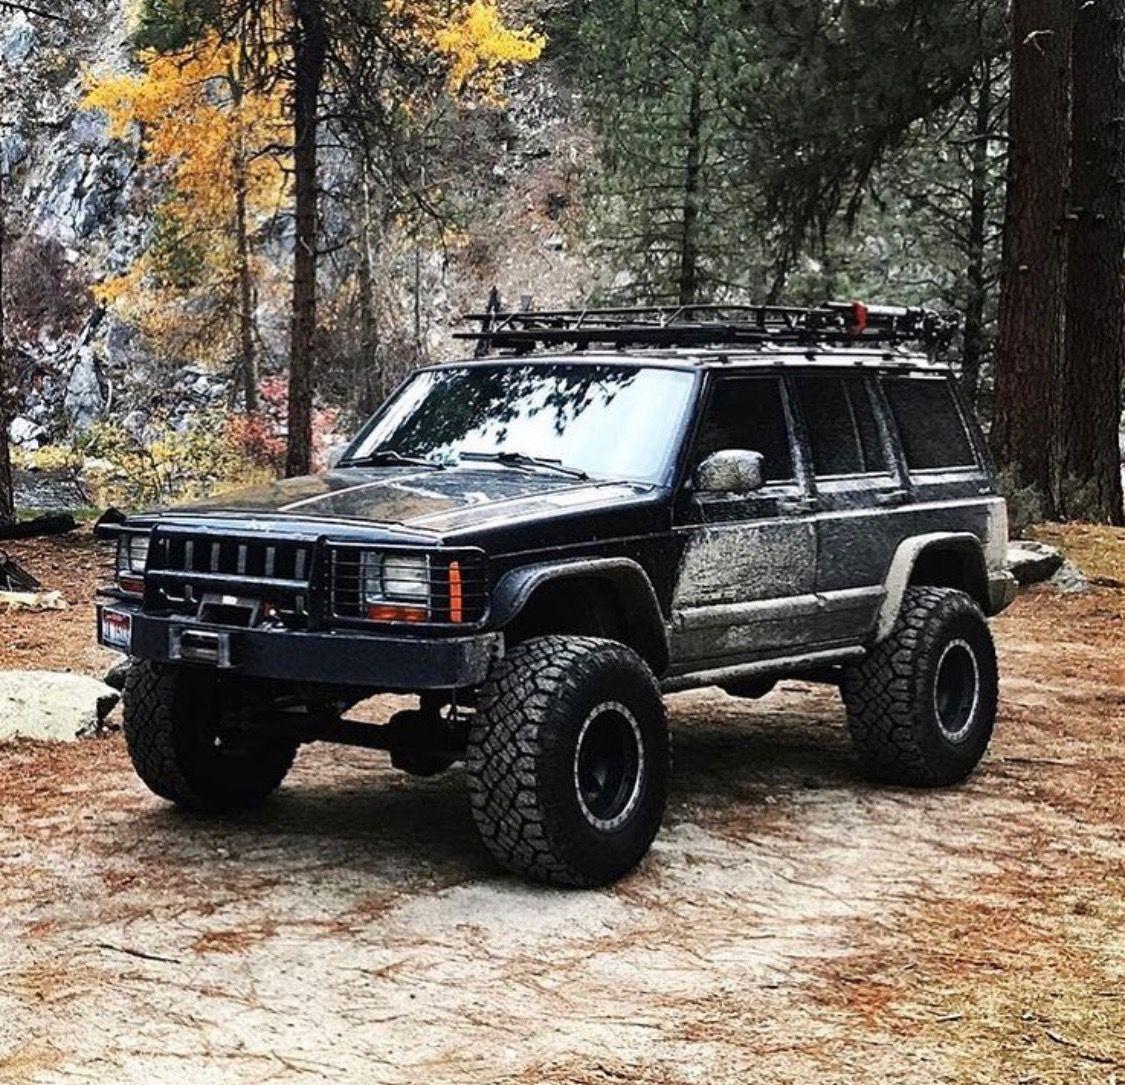 Jeep Cherokee Xj Jeep Cherokee Jeep Cherokee Xj Jeep Xj Lift